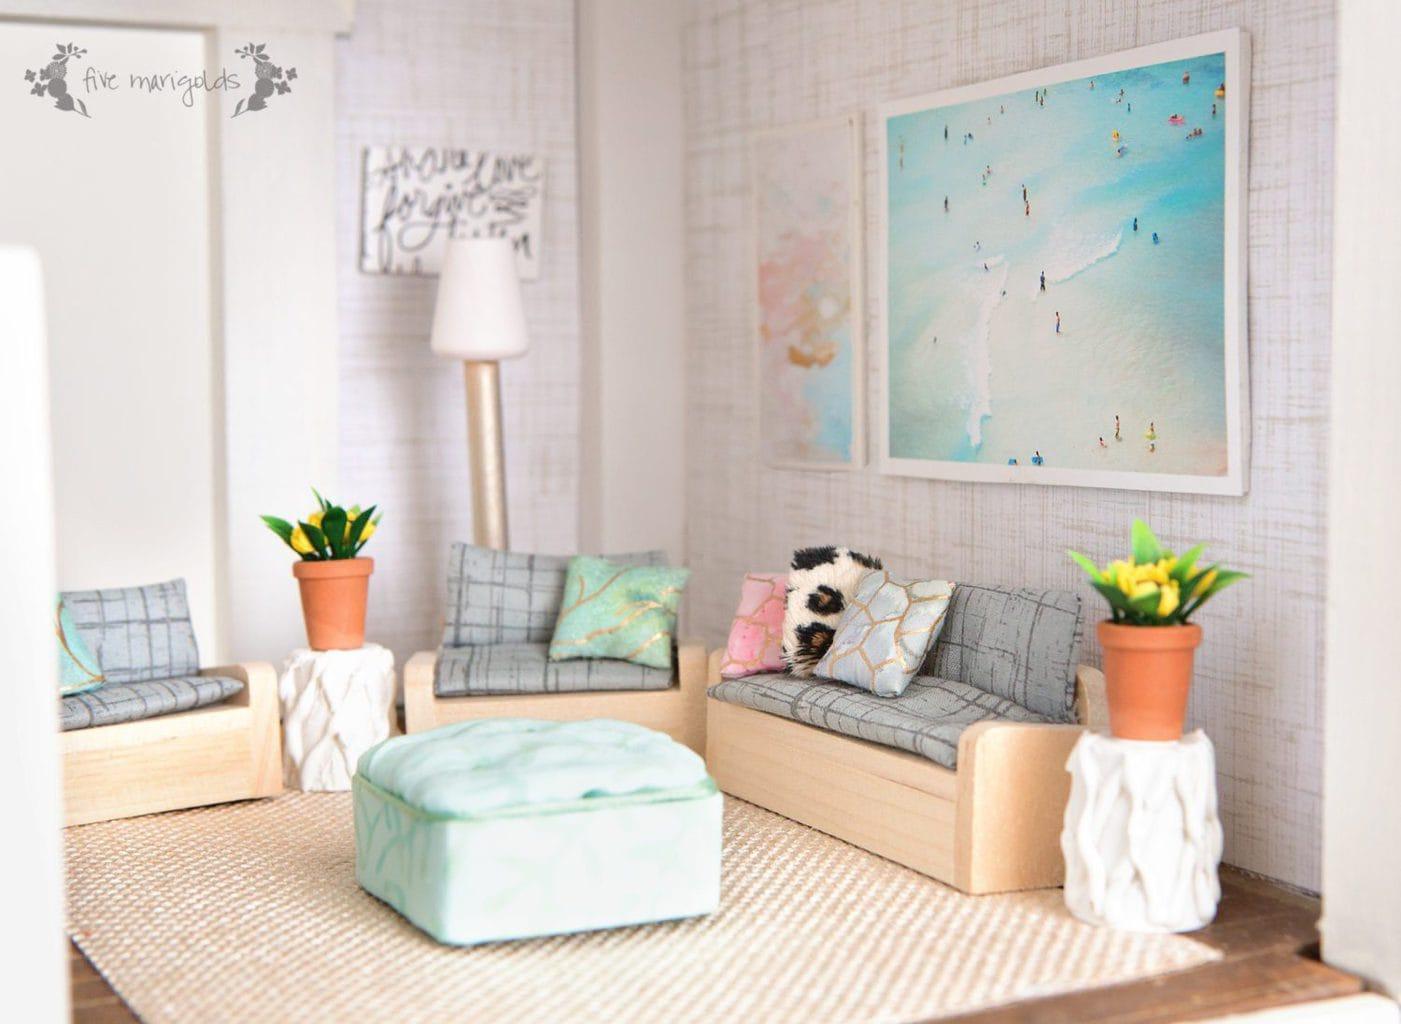 Vintage Dollhouse Remodel Part Vi Living Room Five Marigolds